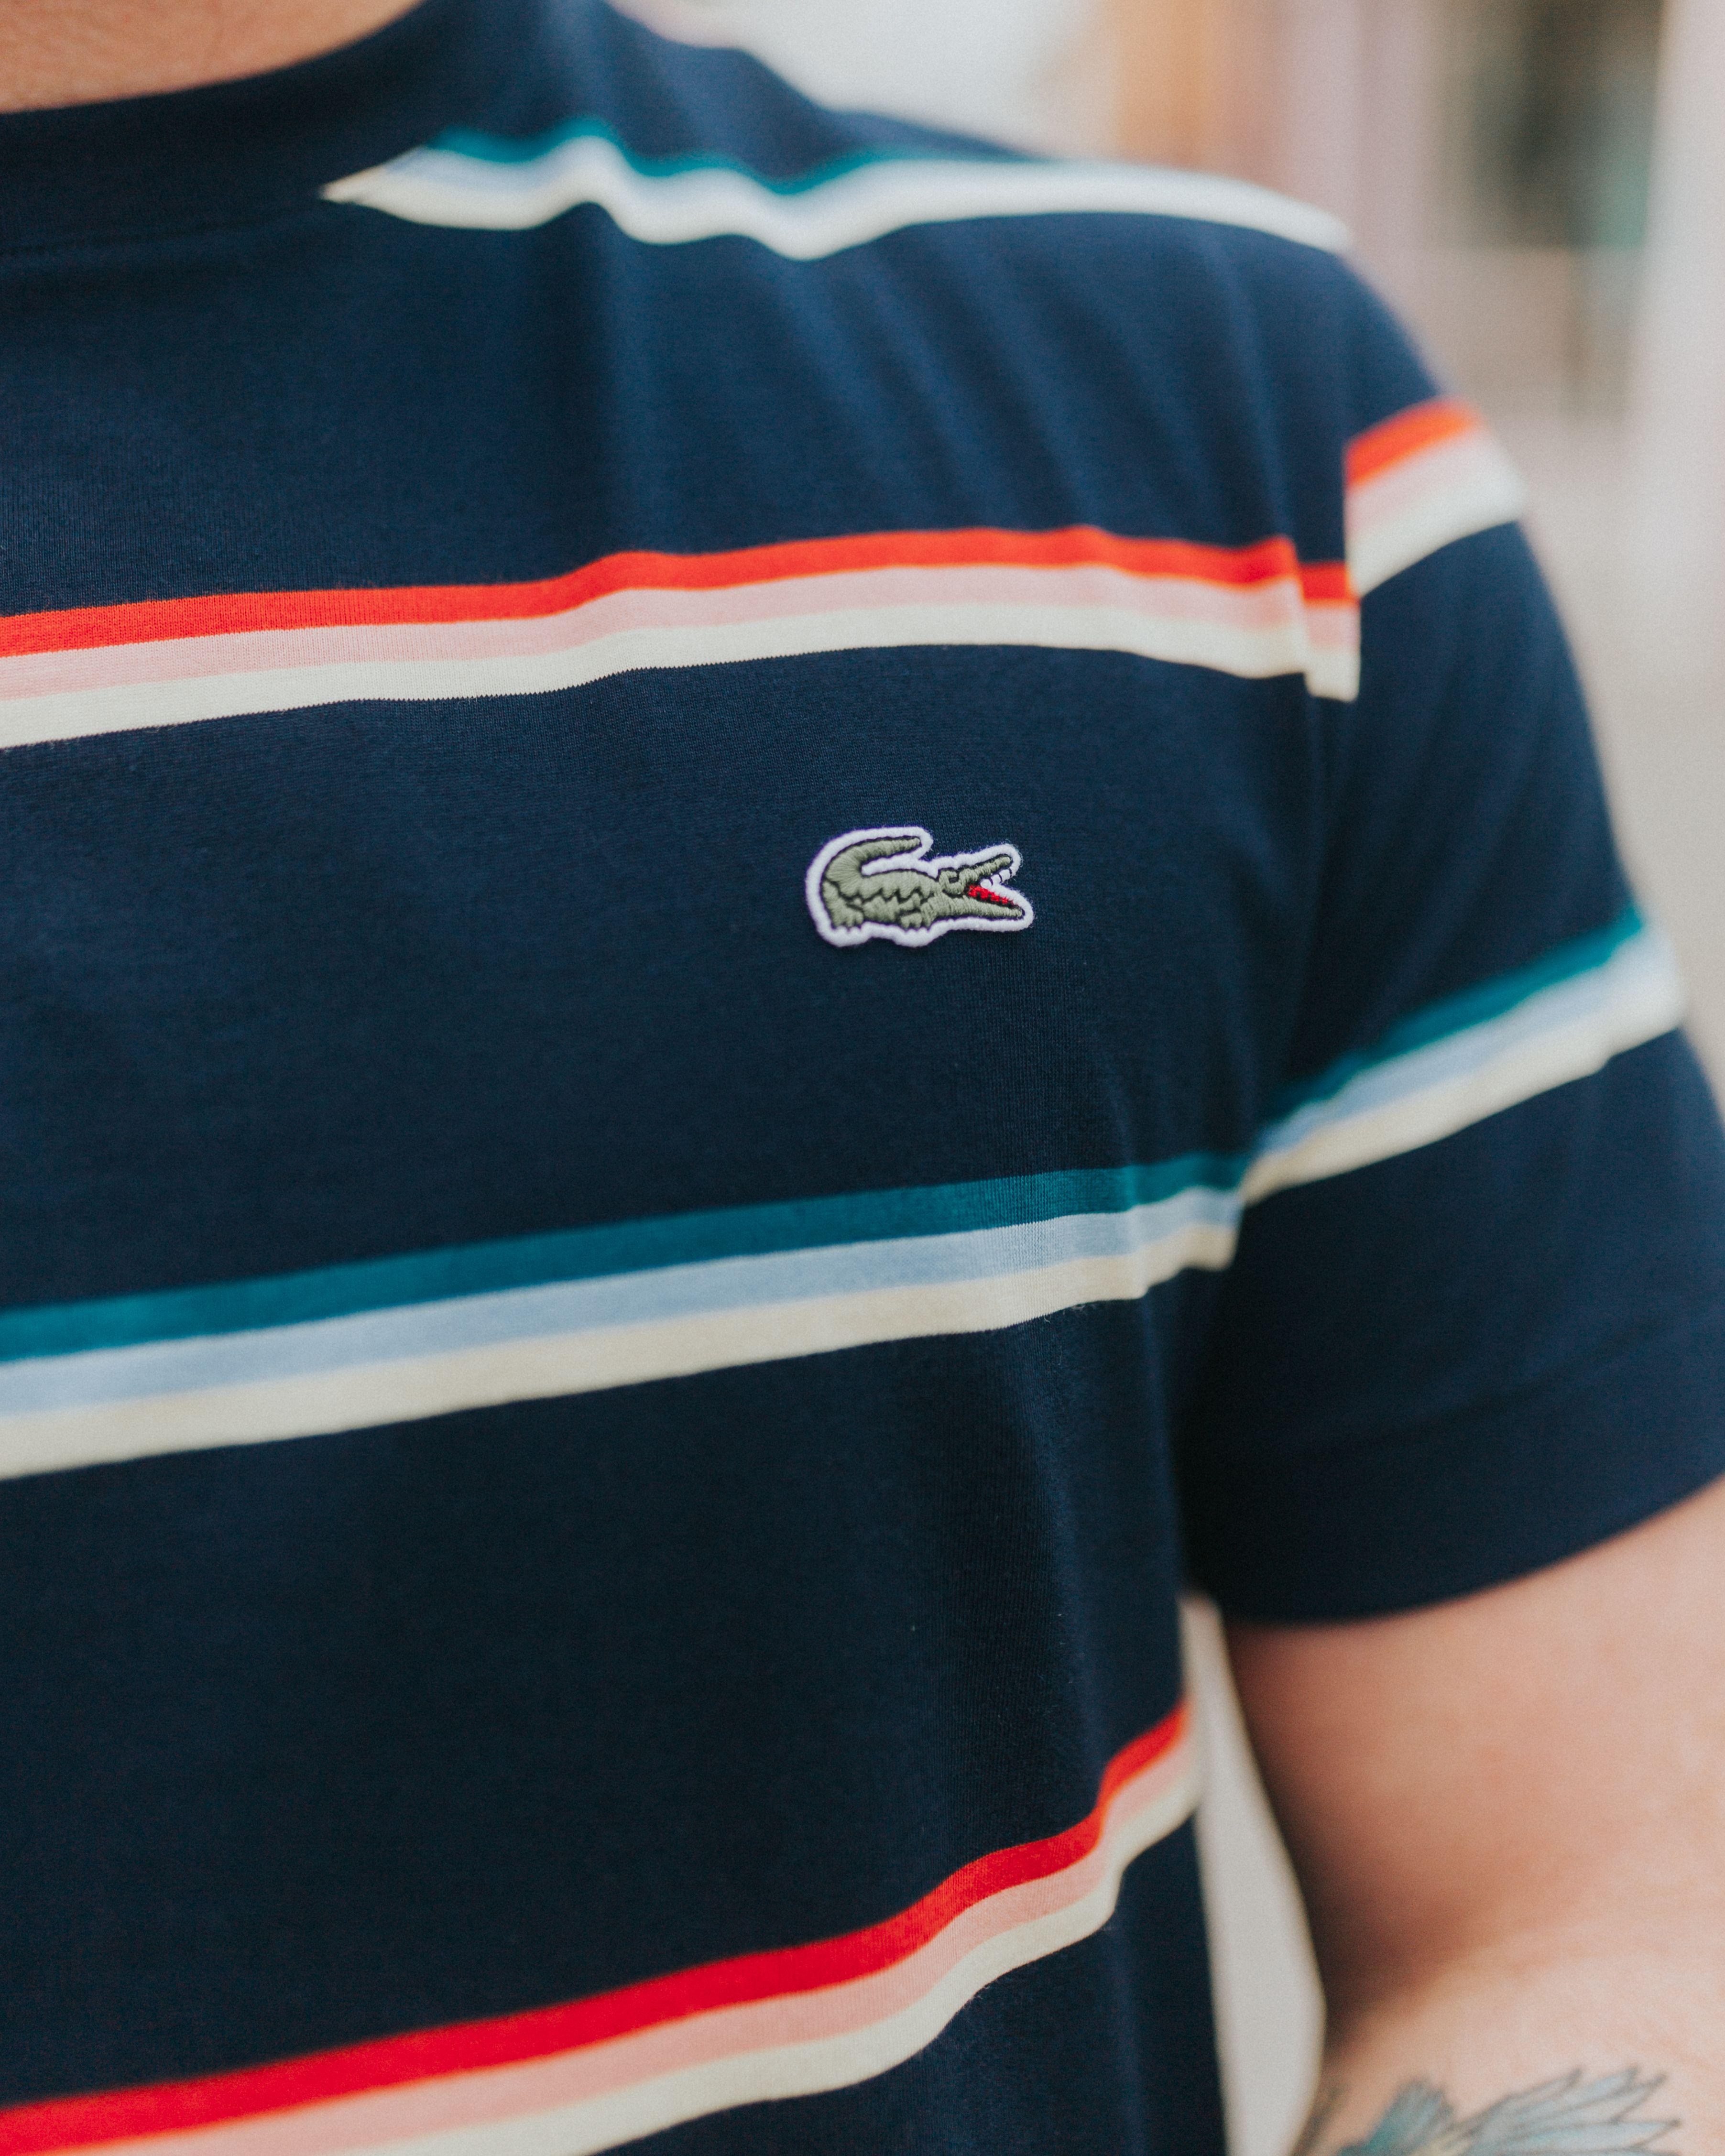 137783185020 Lacoste Crew Neck Colour Striped Soft Cotton T-Shirt   Navy Blue / White £